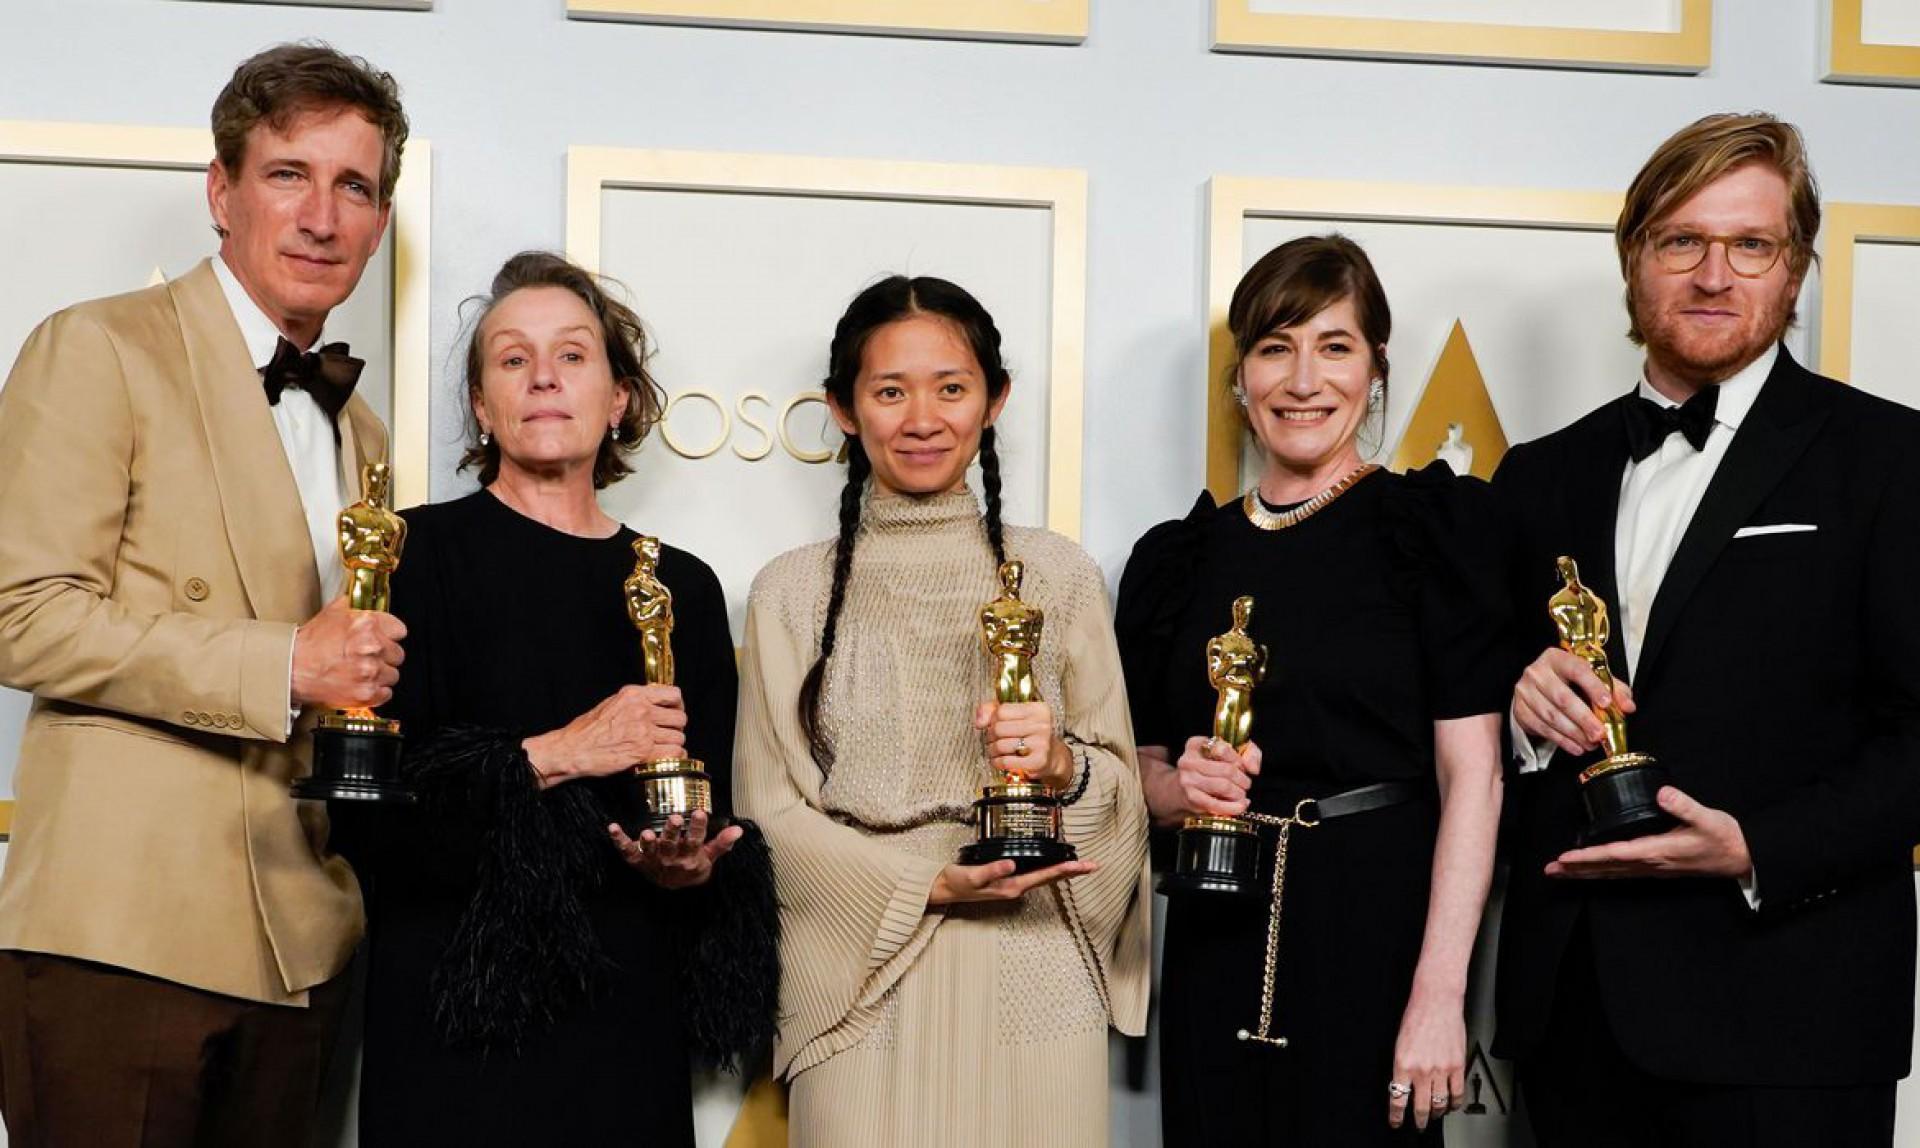 Oscar 2021: Contexto e marcas históricas definem a premiação deste ano